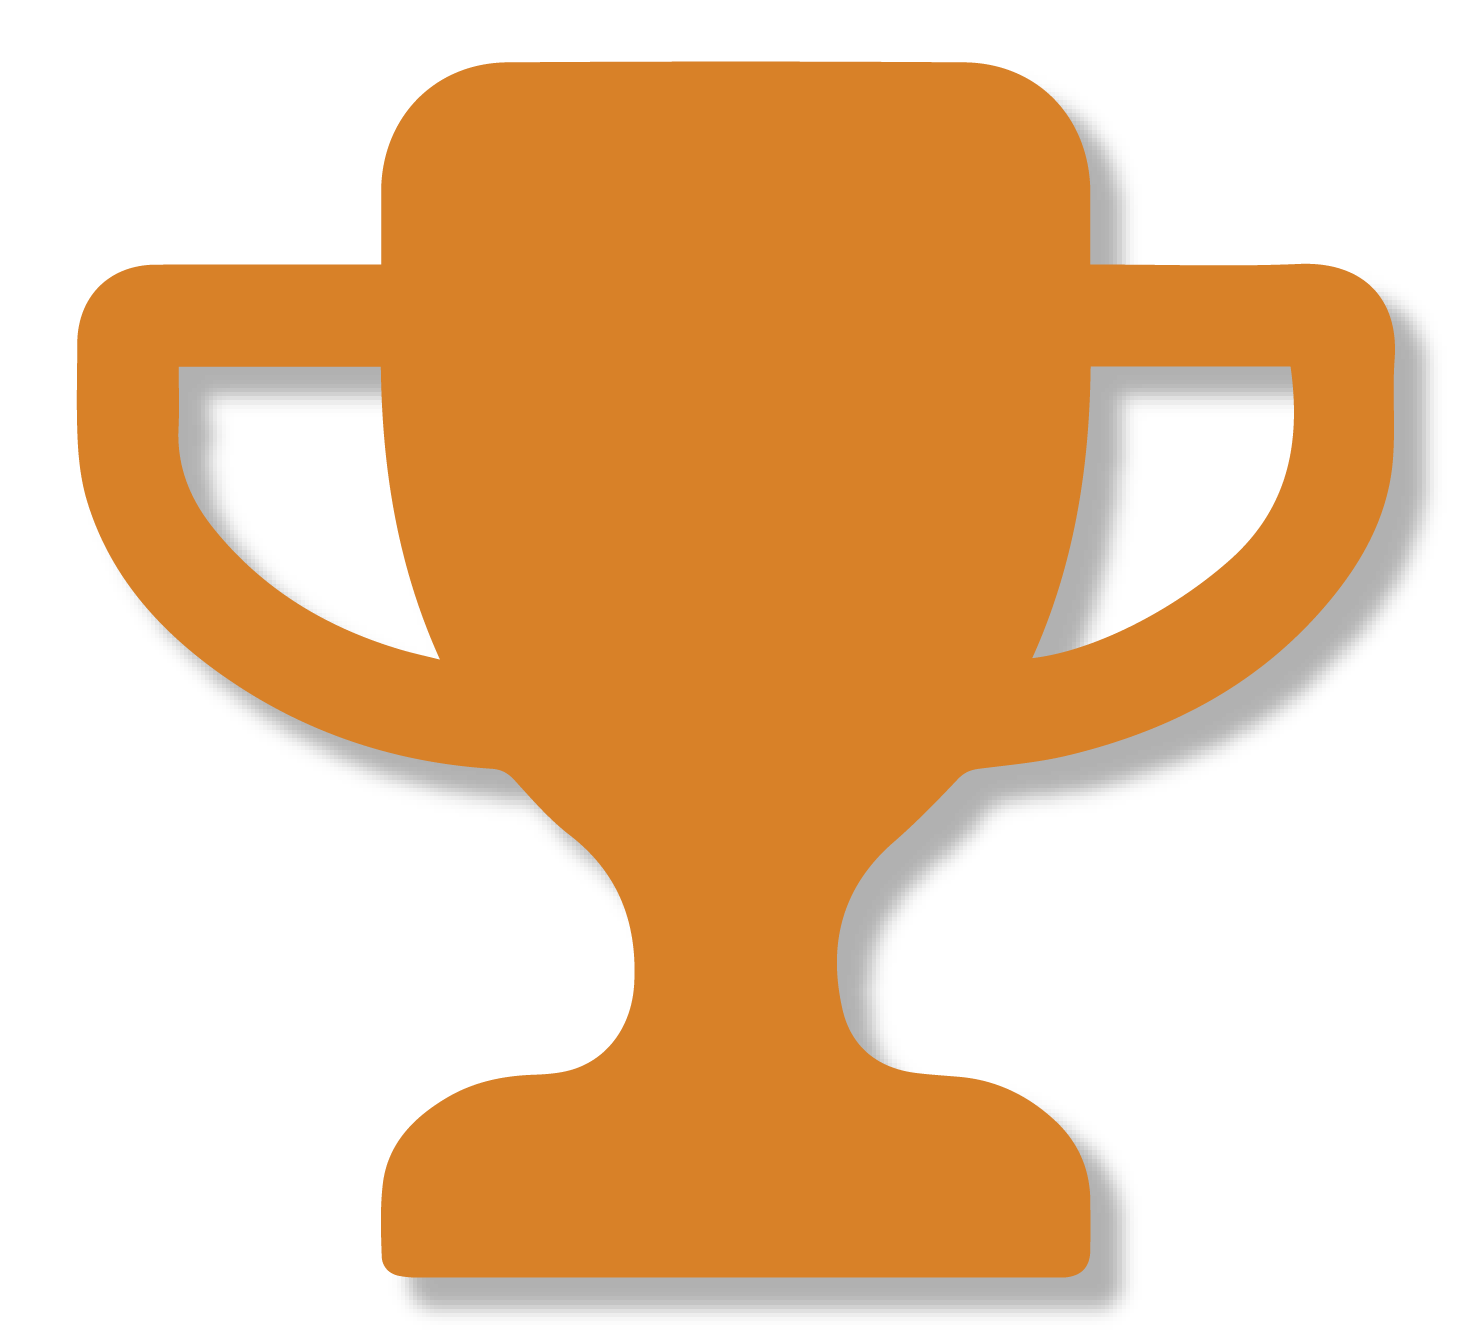 trophyalternate-01.png